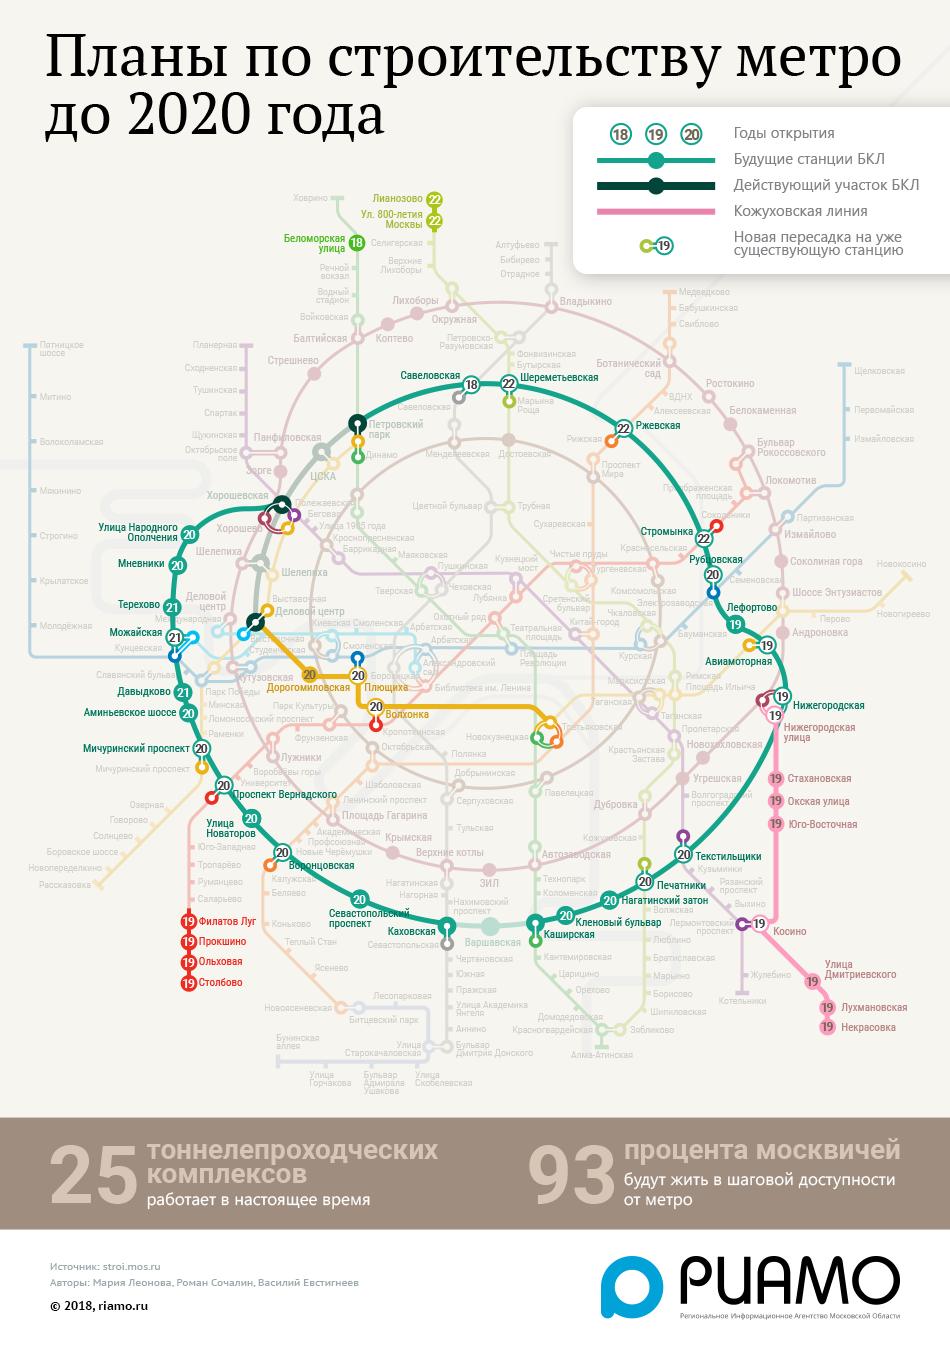 схема метро санкт-петербурга 2020 года с новыми станциями фото кредит на карту 30 000